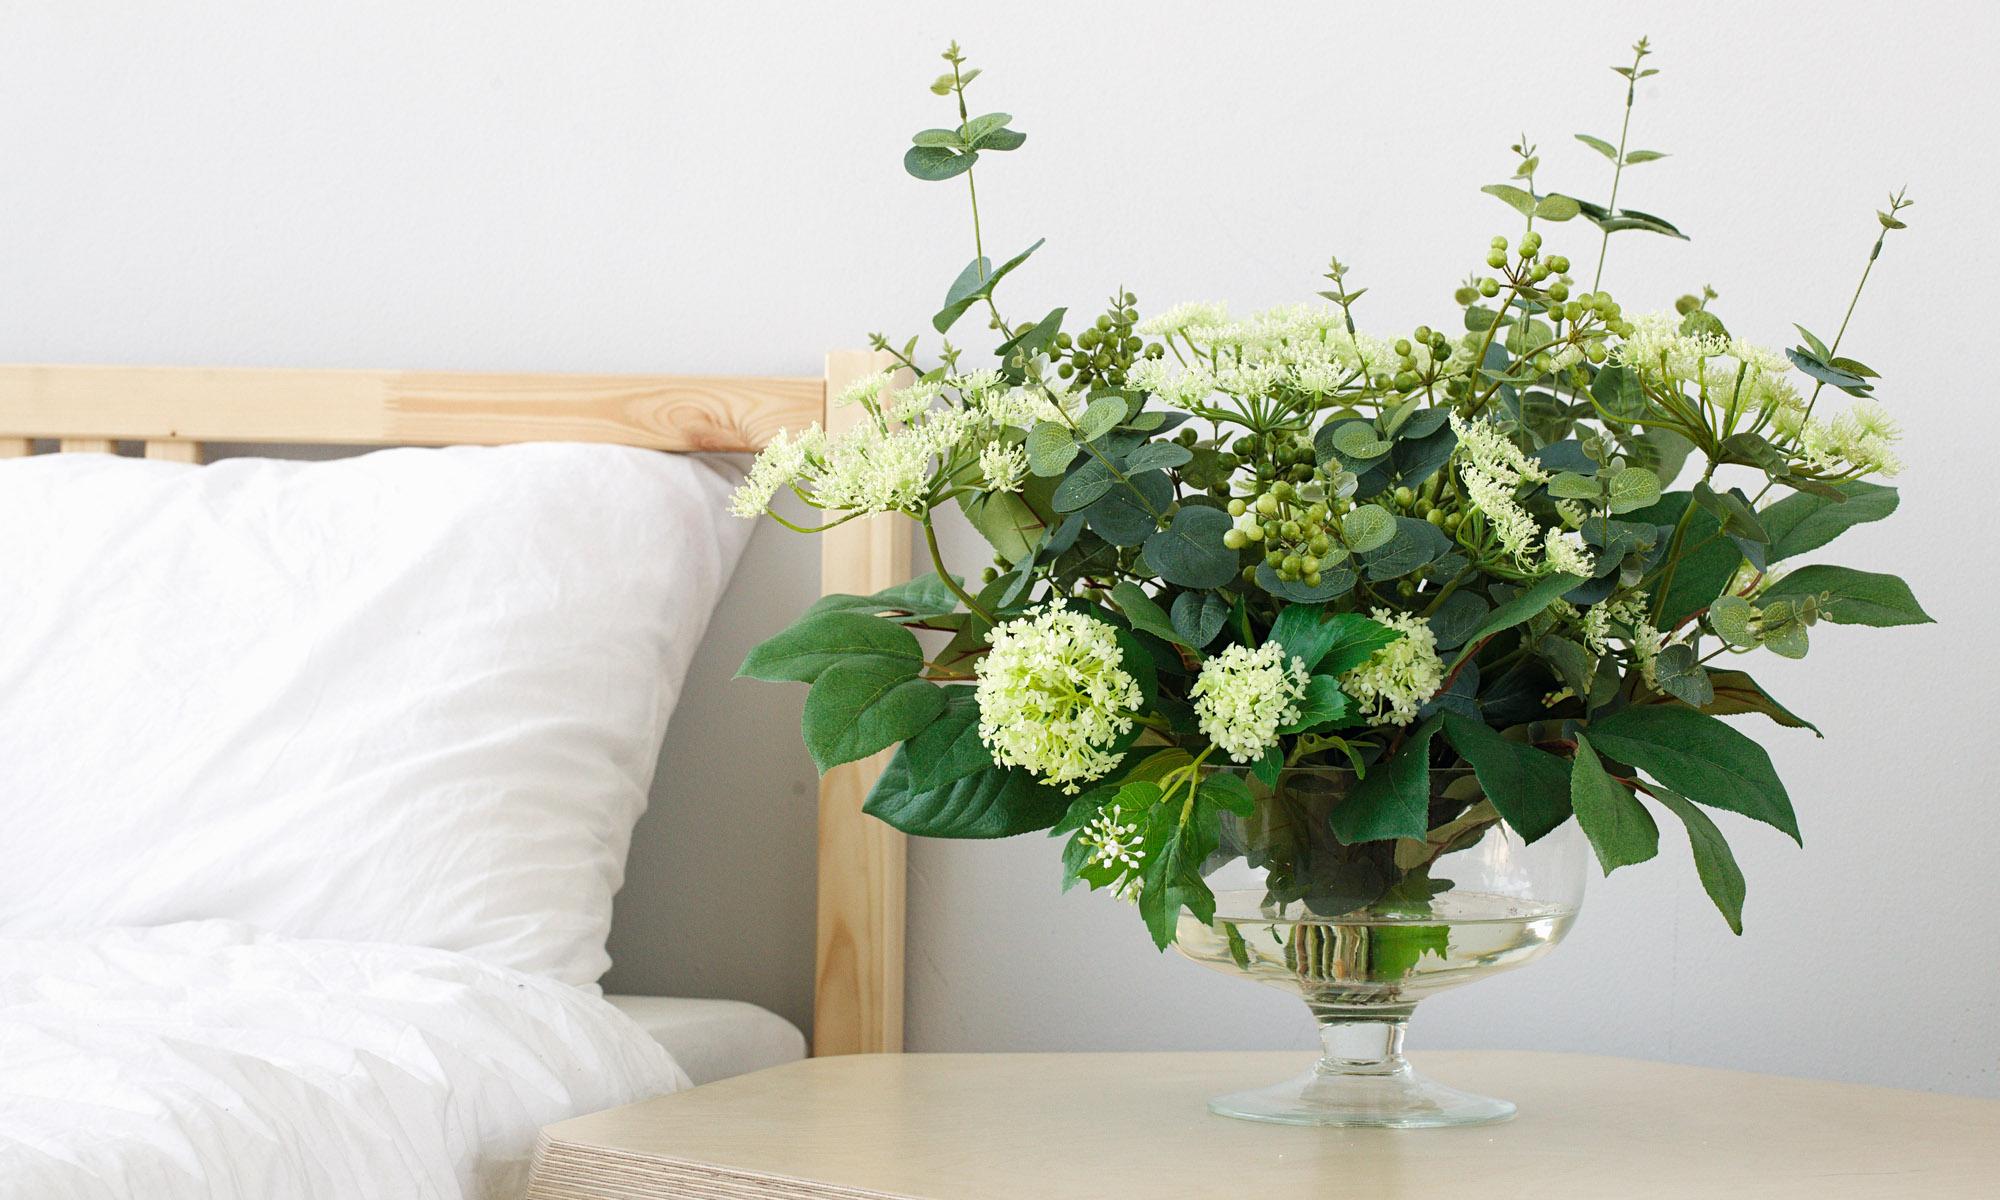 Купить Композиция из искусственных цветов - соцветия укропа, зелень эвкалипта, салала, вибурнума, inmyroom, Россия